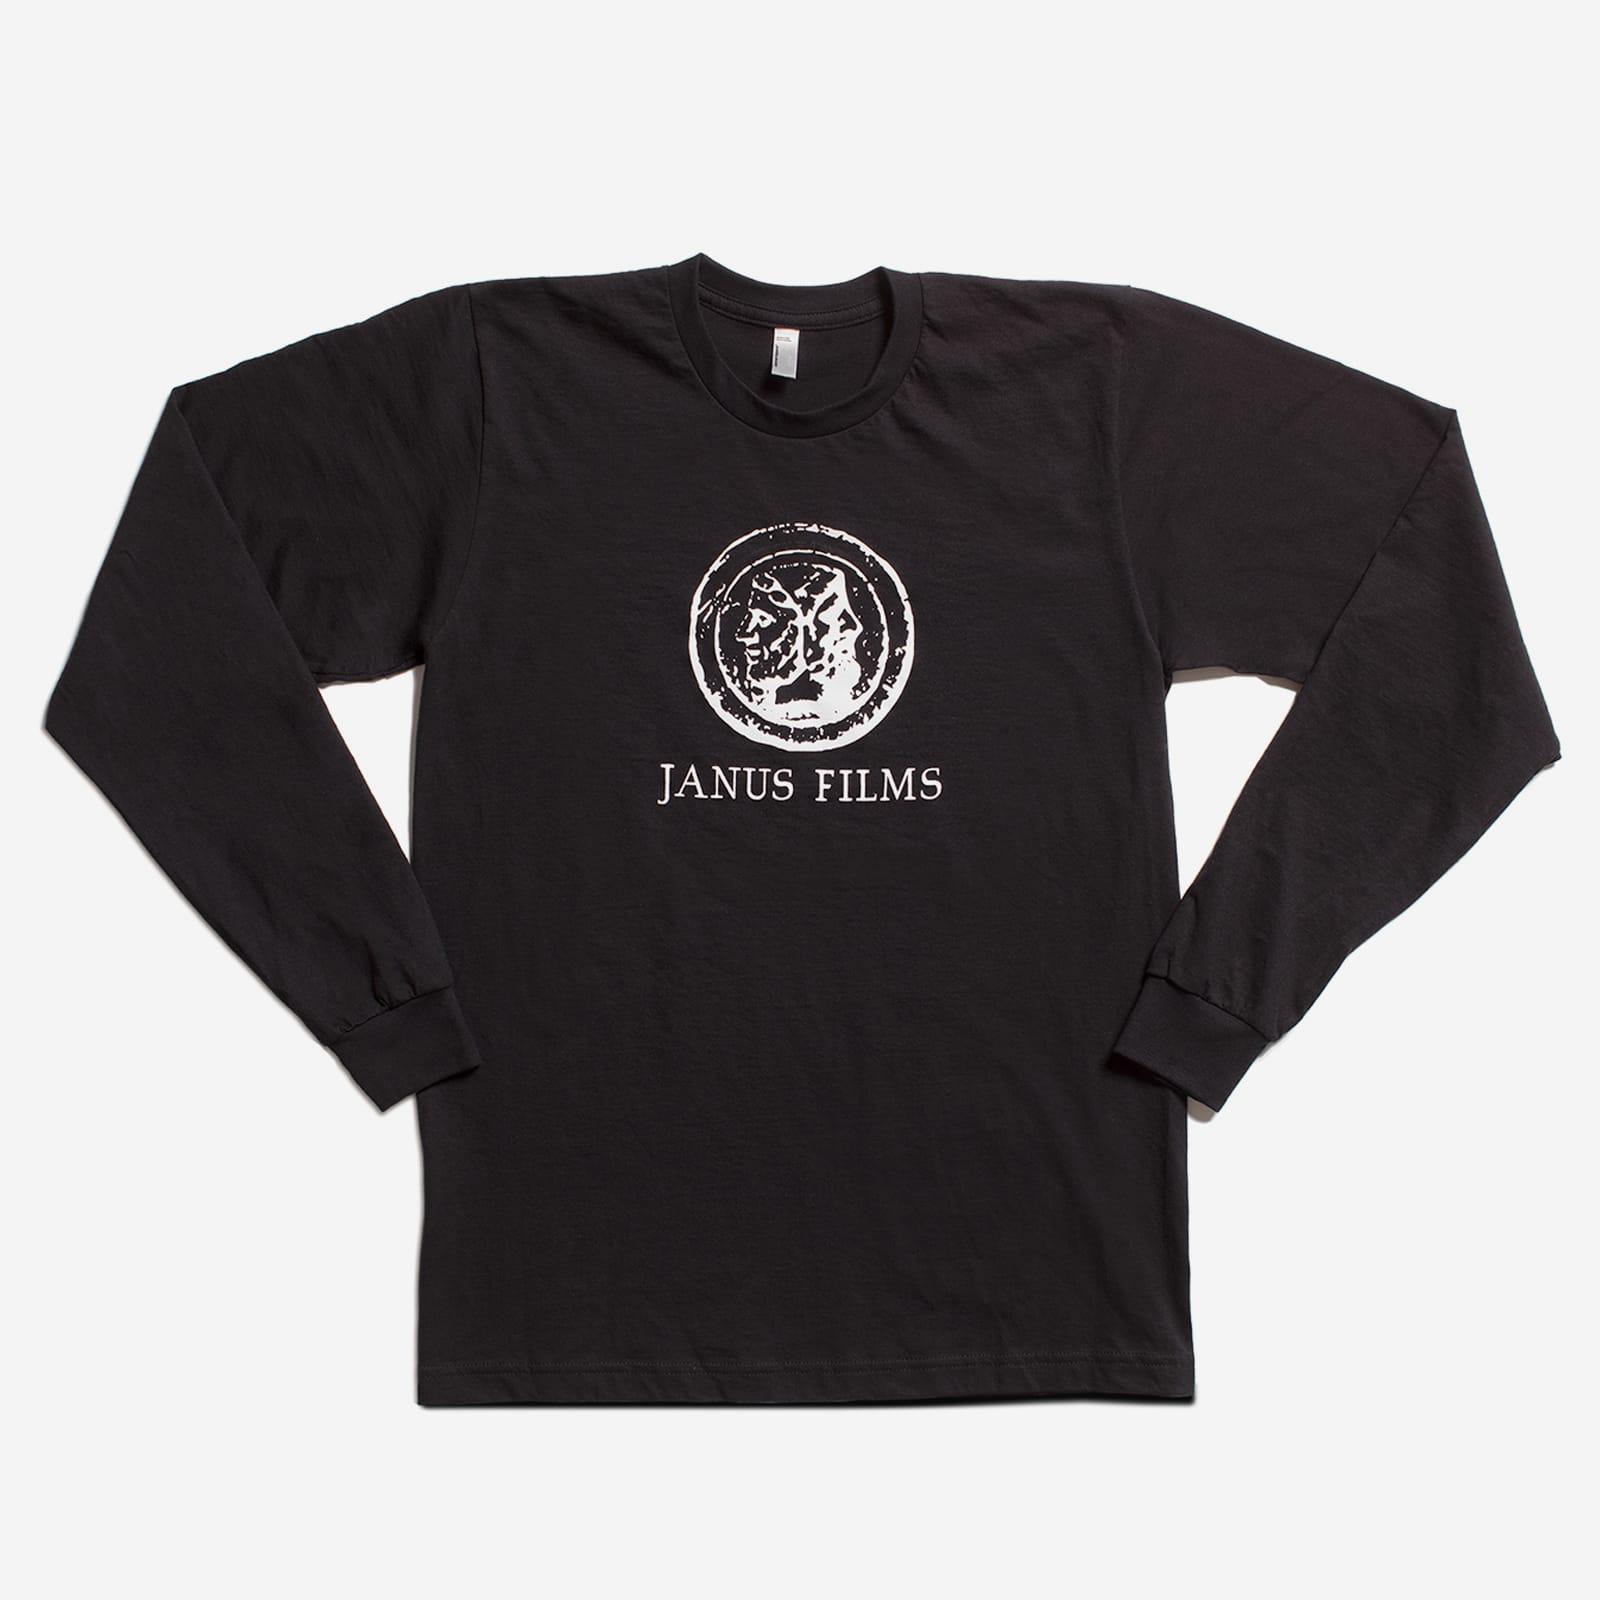 Long-sleeved Janus Films T-shirt